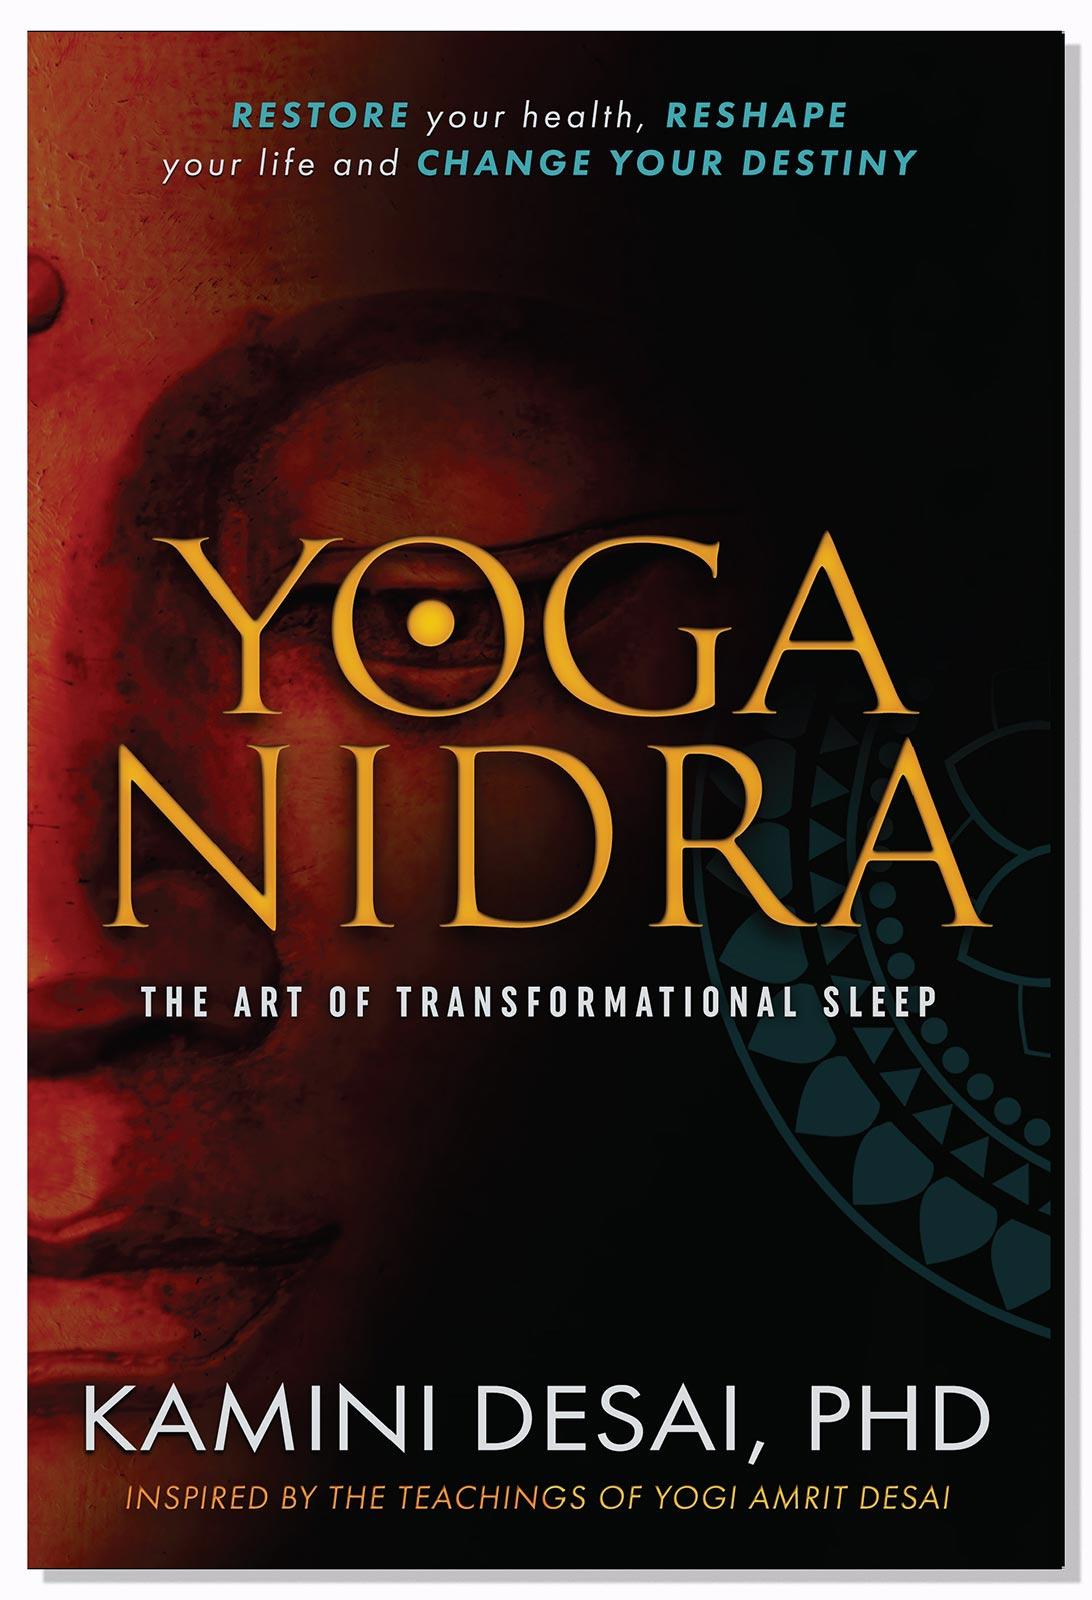 Kamini Desai - Yoga Nidra